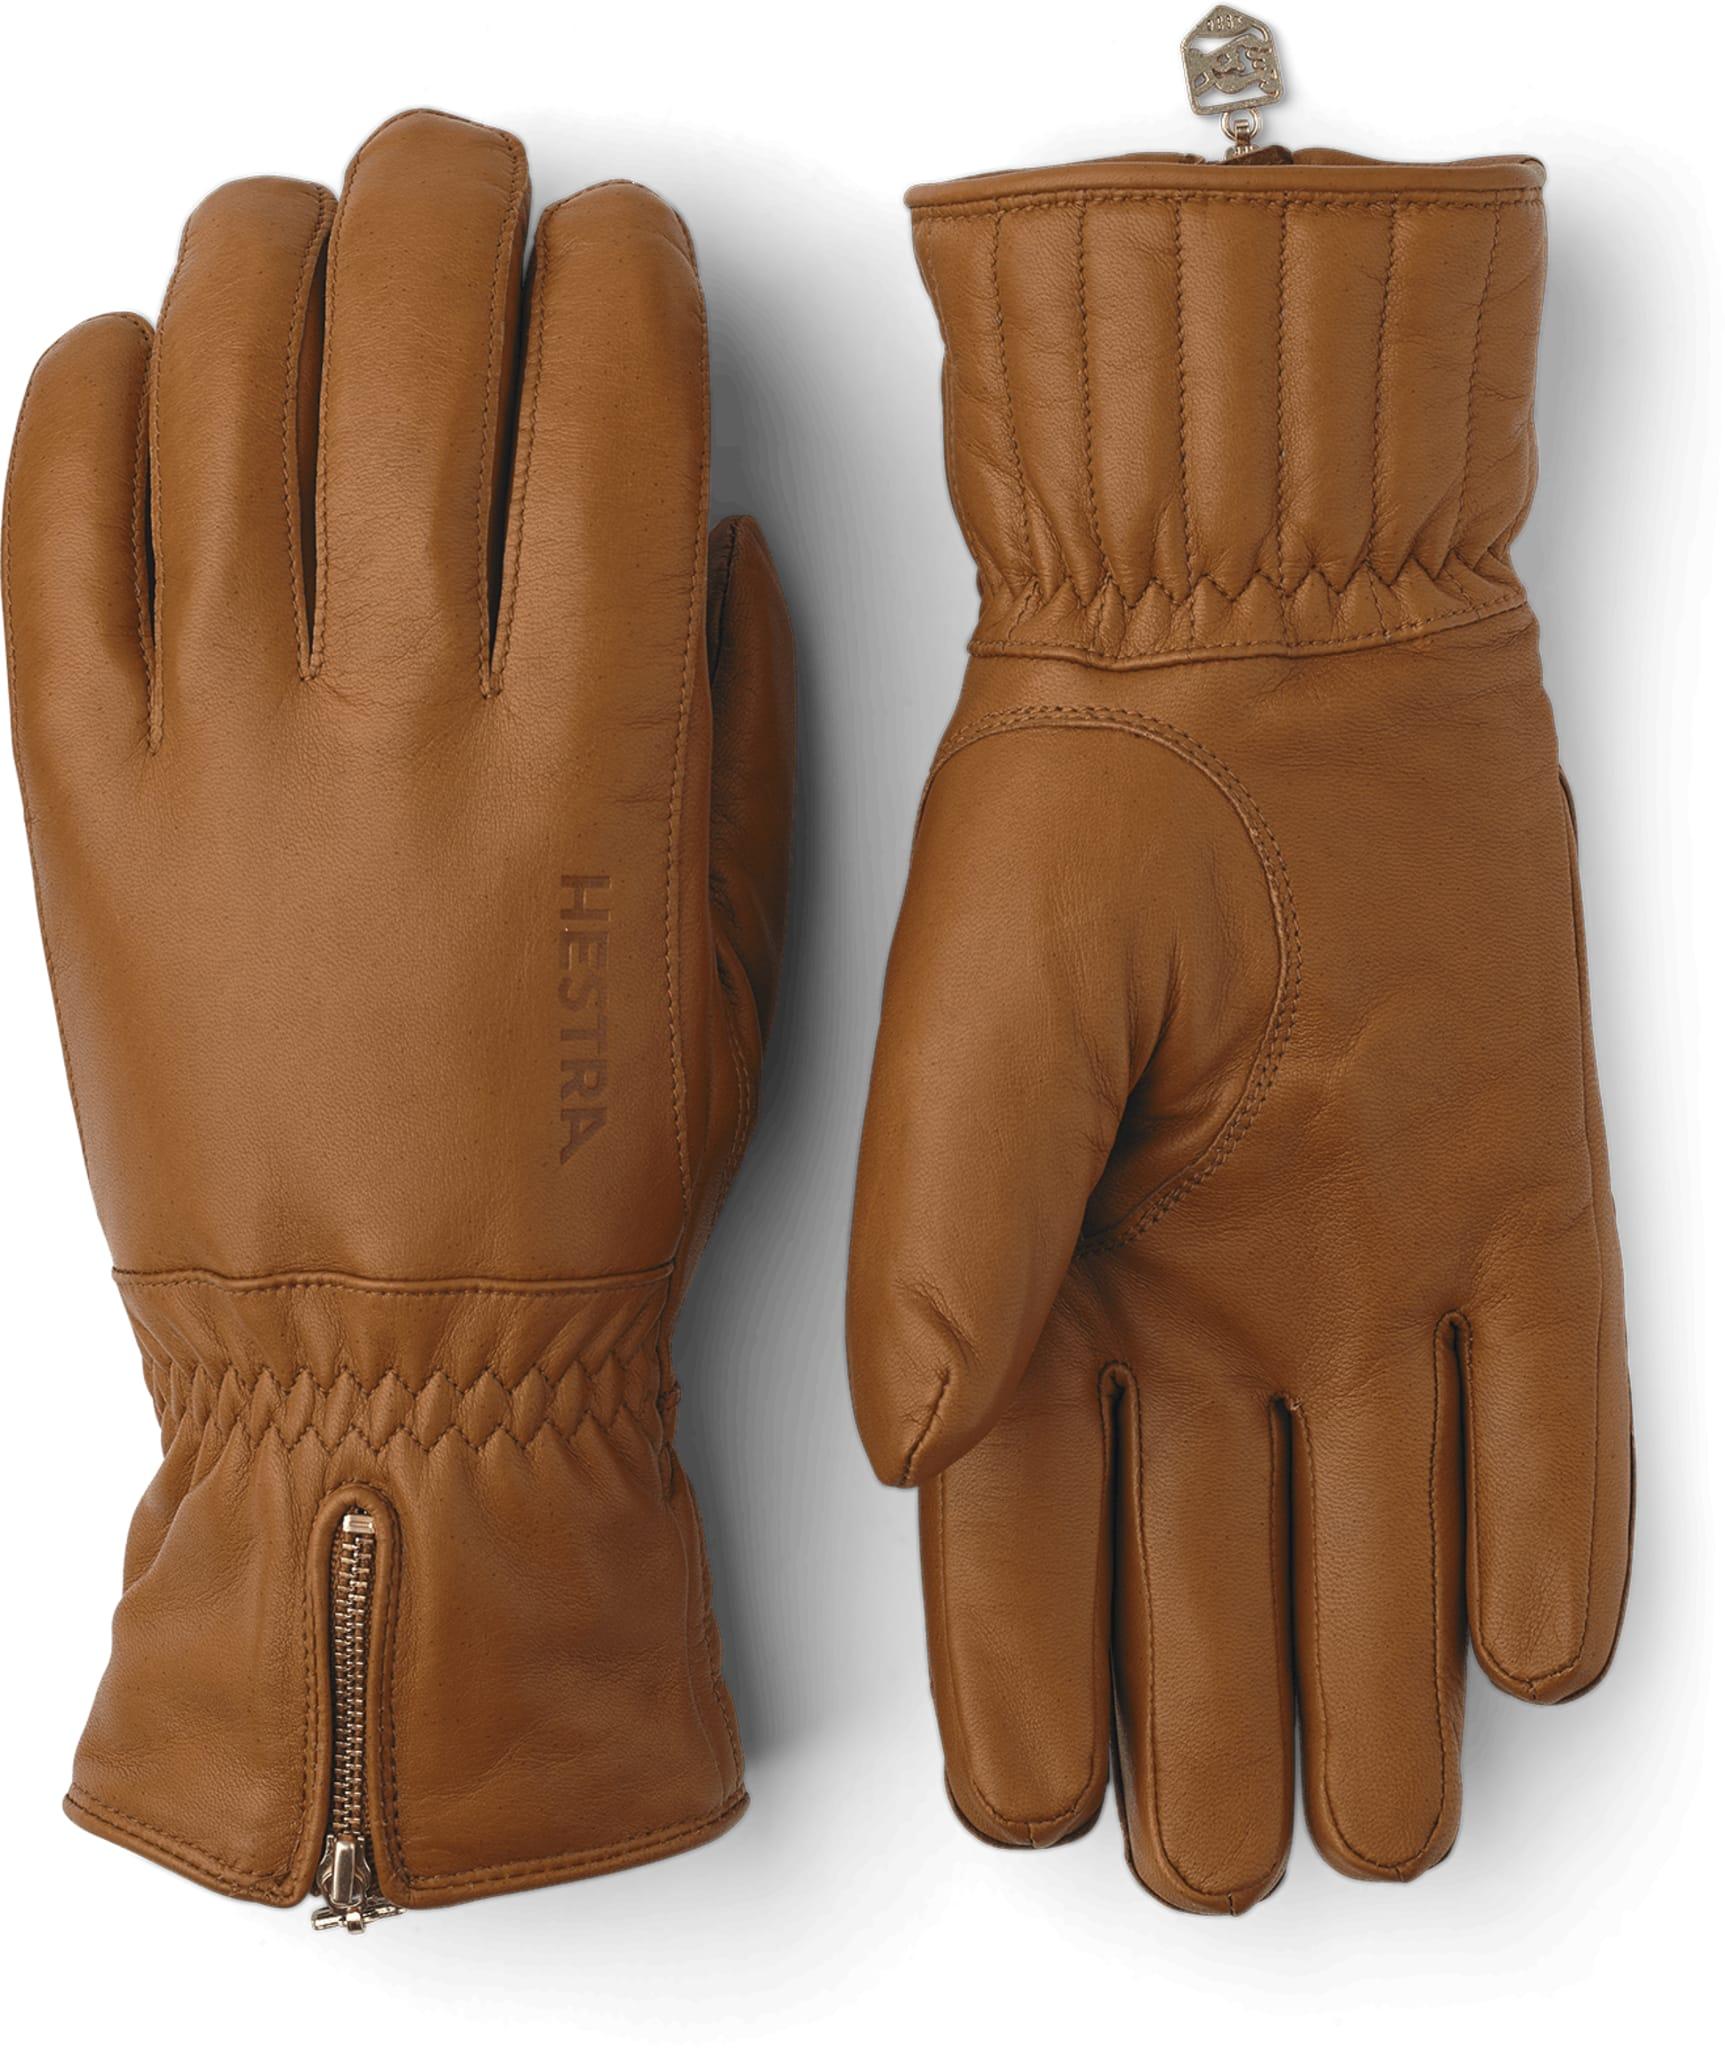 Varme hansker med klassisk utseende